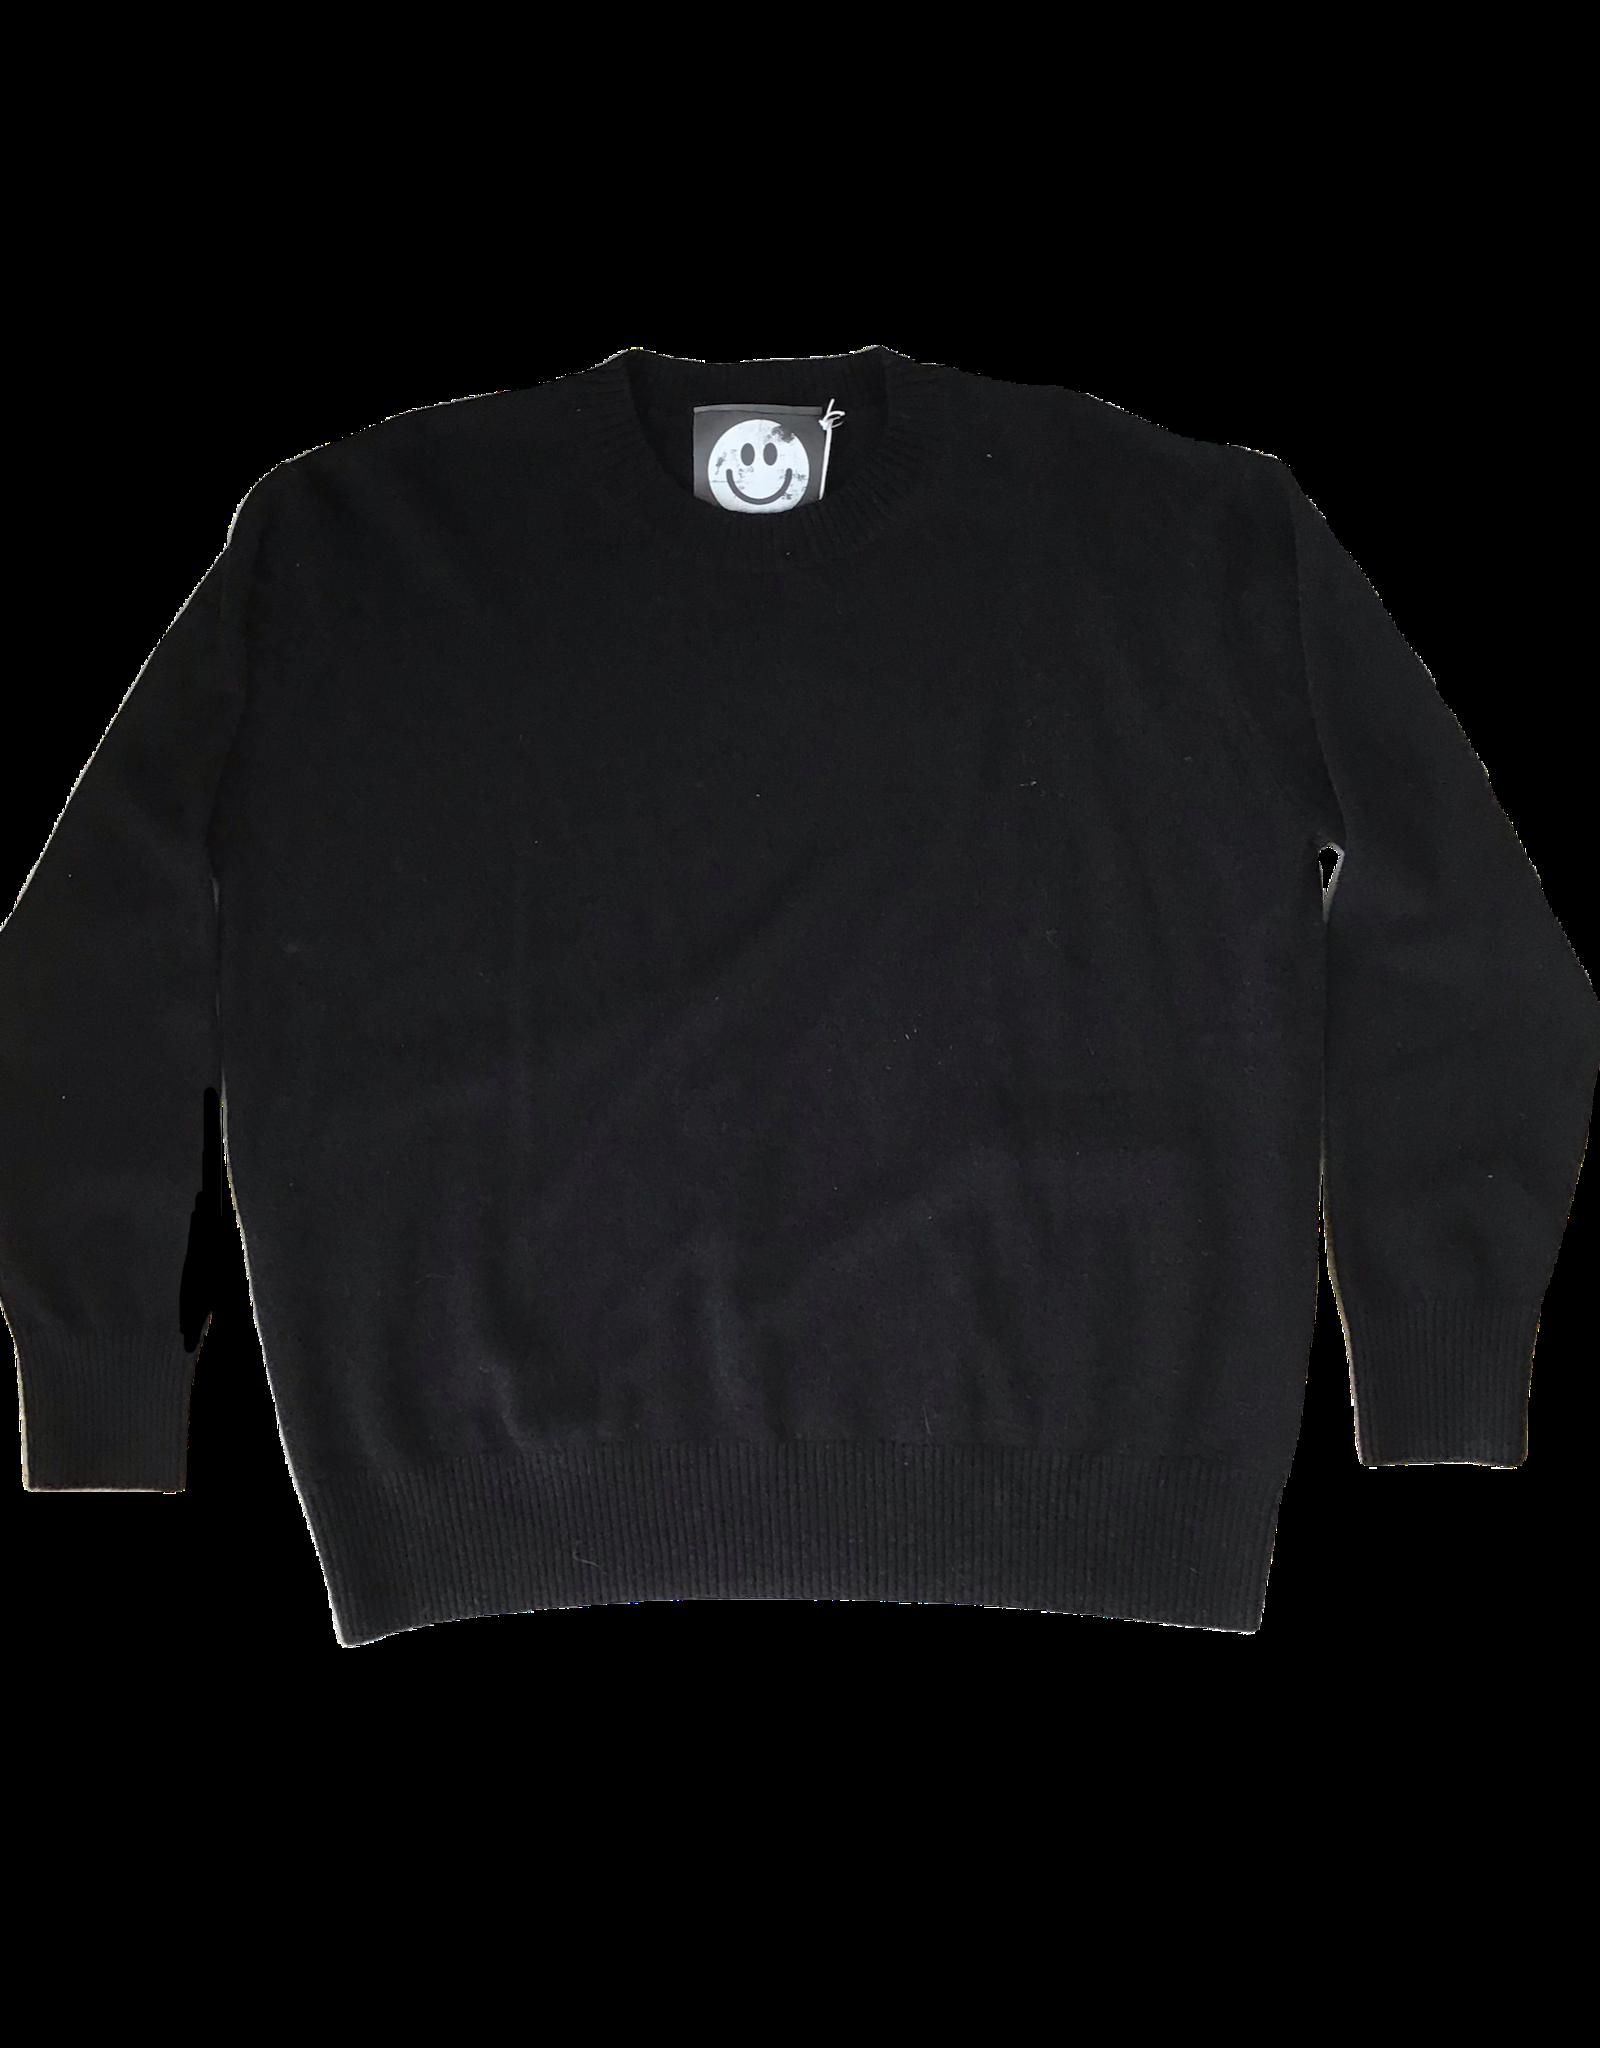 Zenzee Cashmere Black Crew Neck Sweater